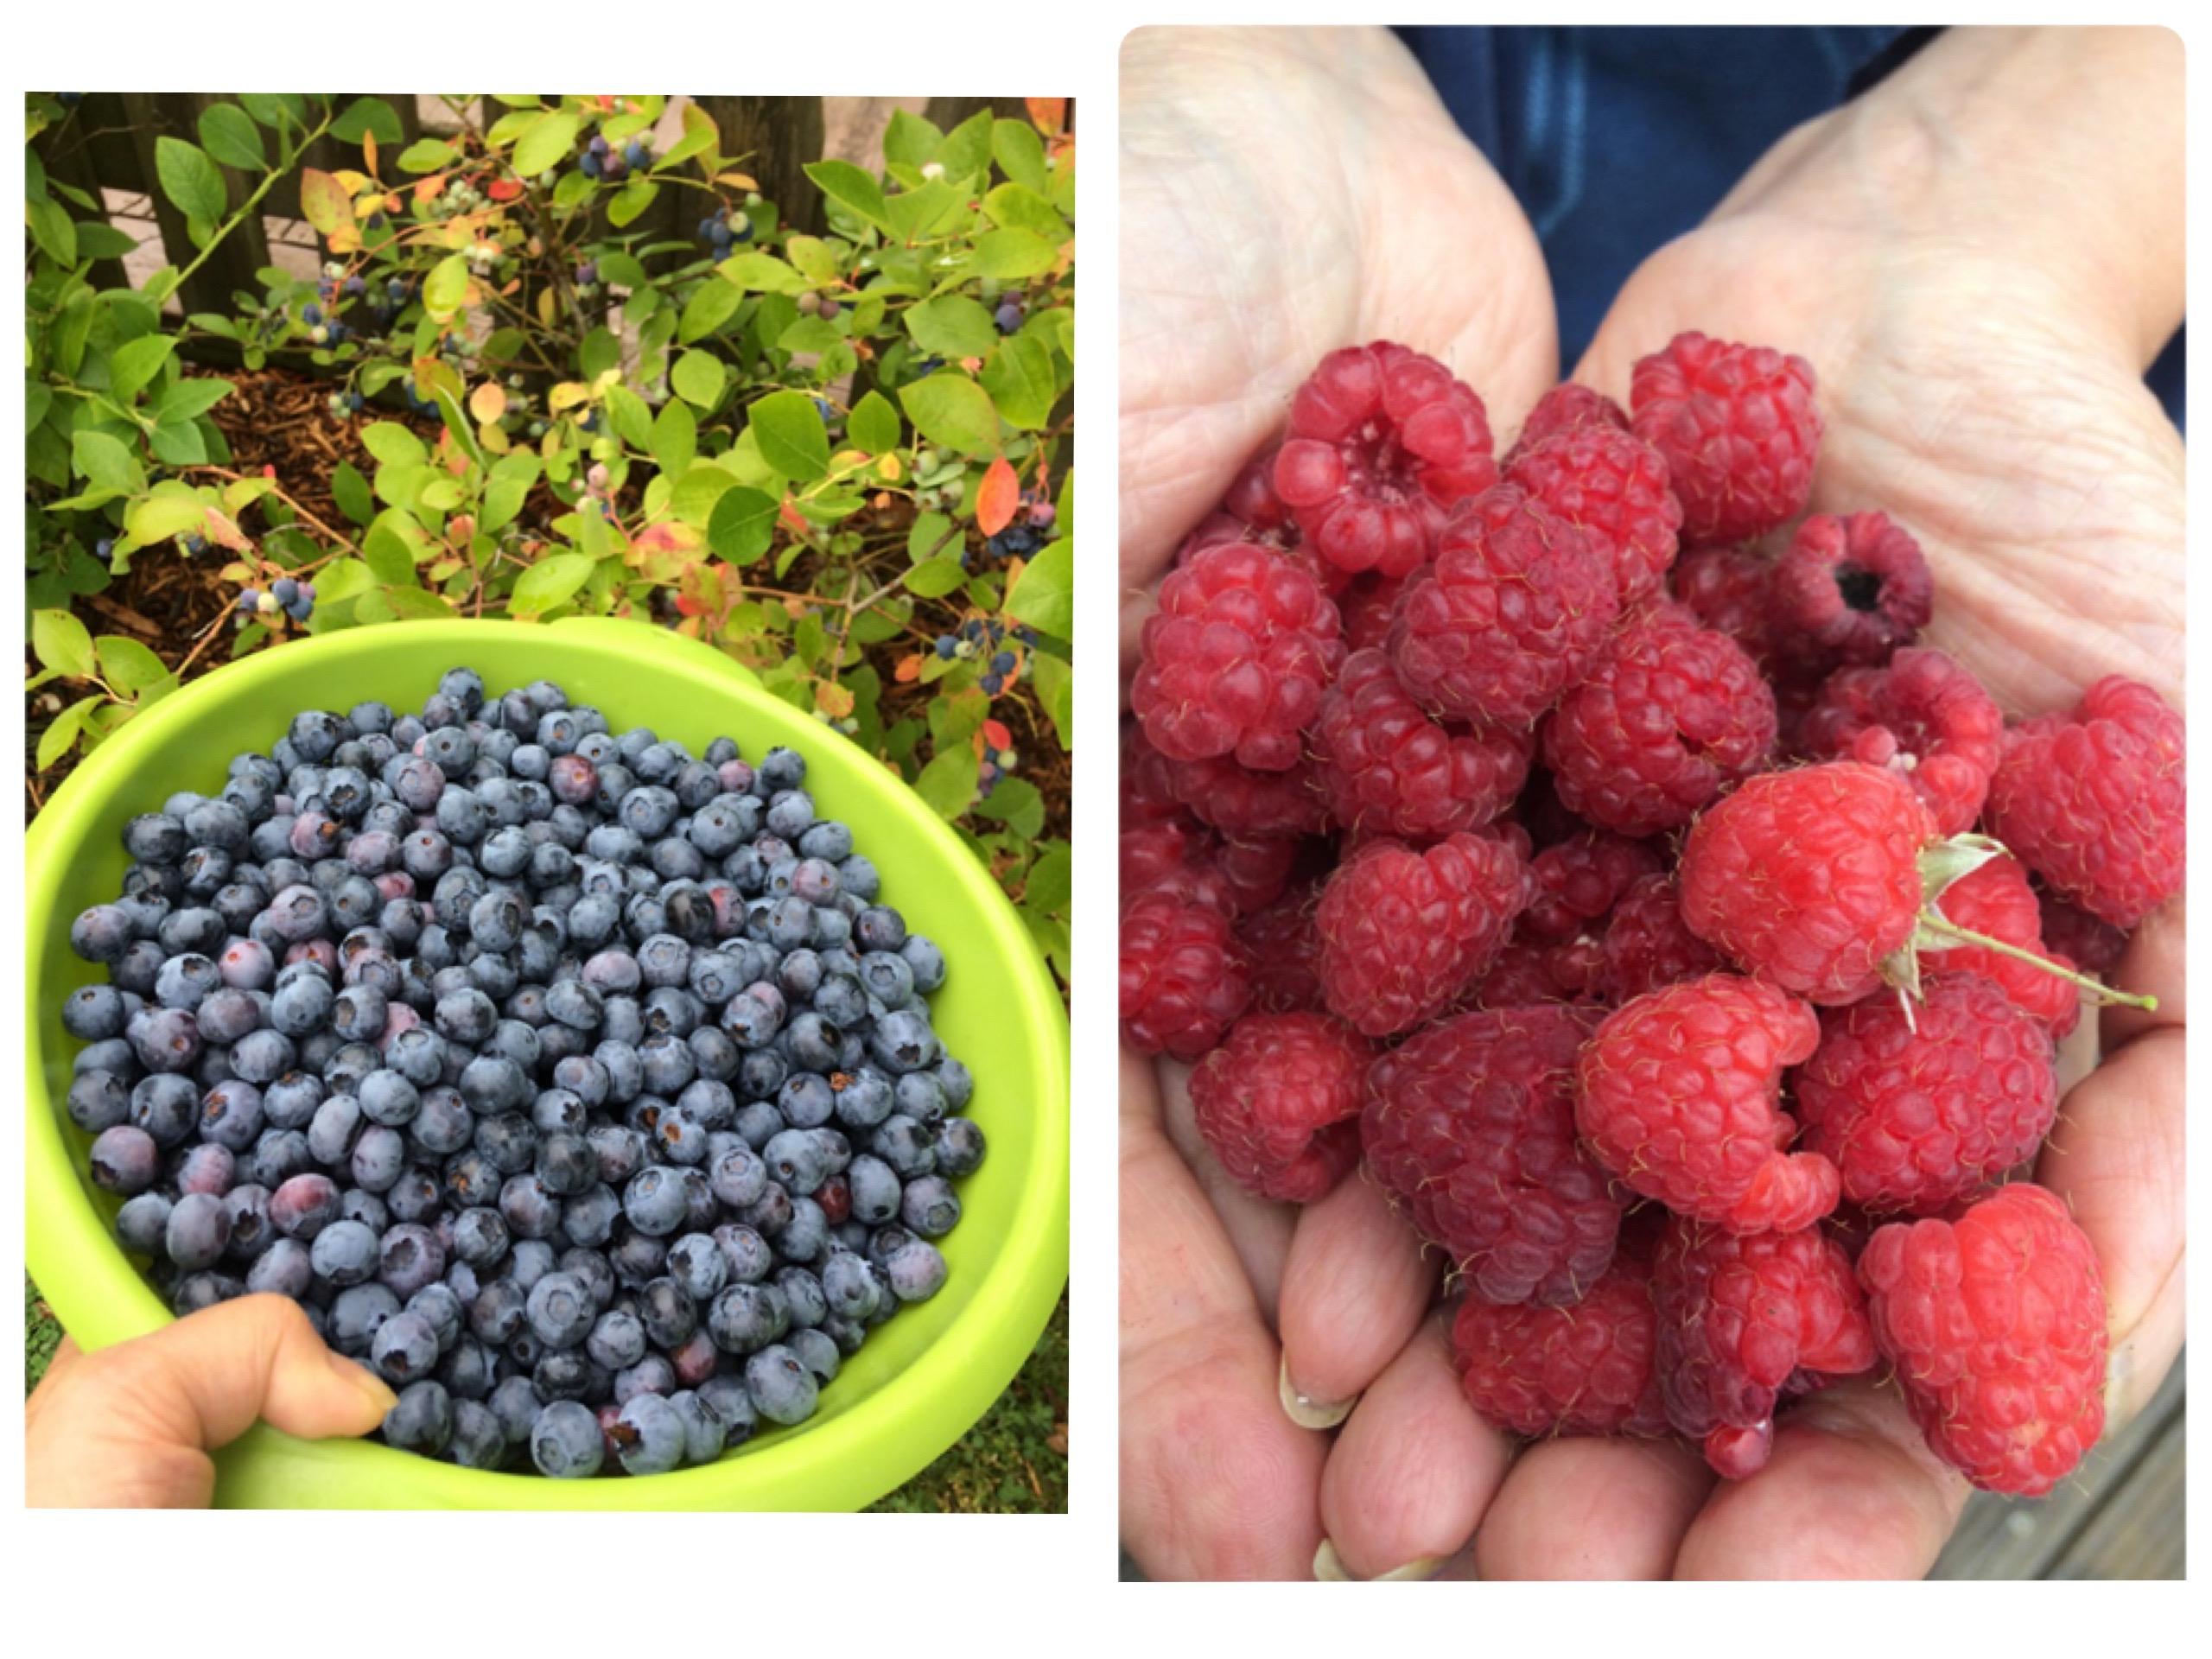 収穫したブルーベリーとフランボワーズ